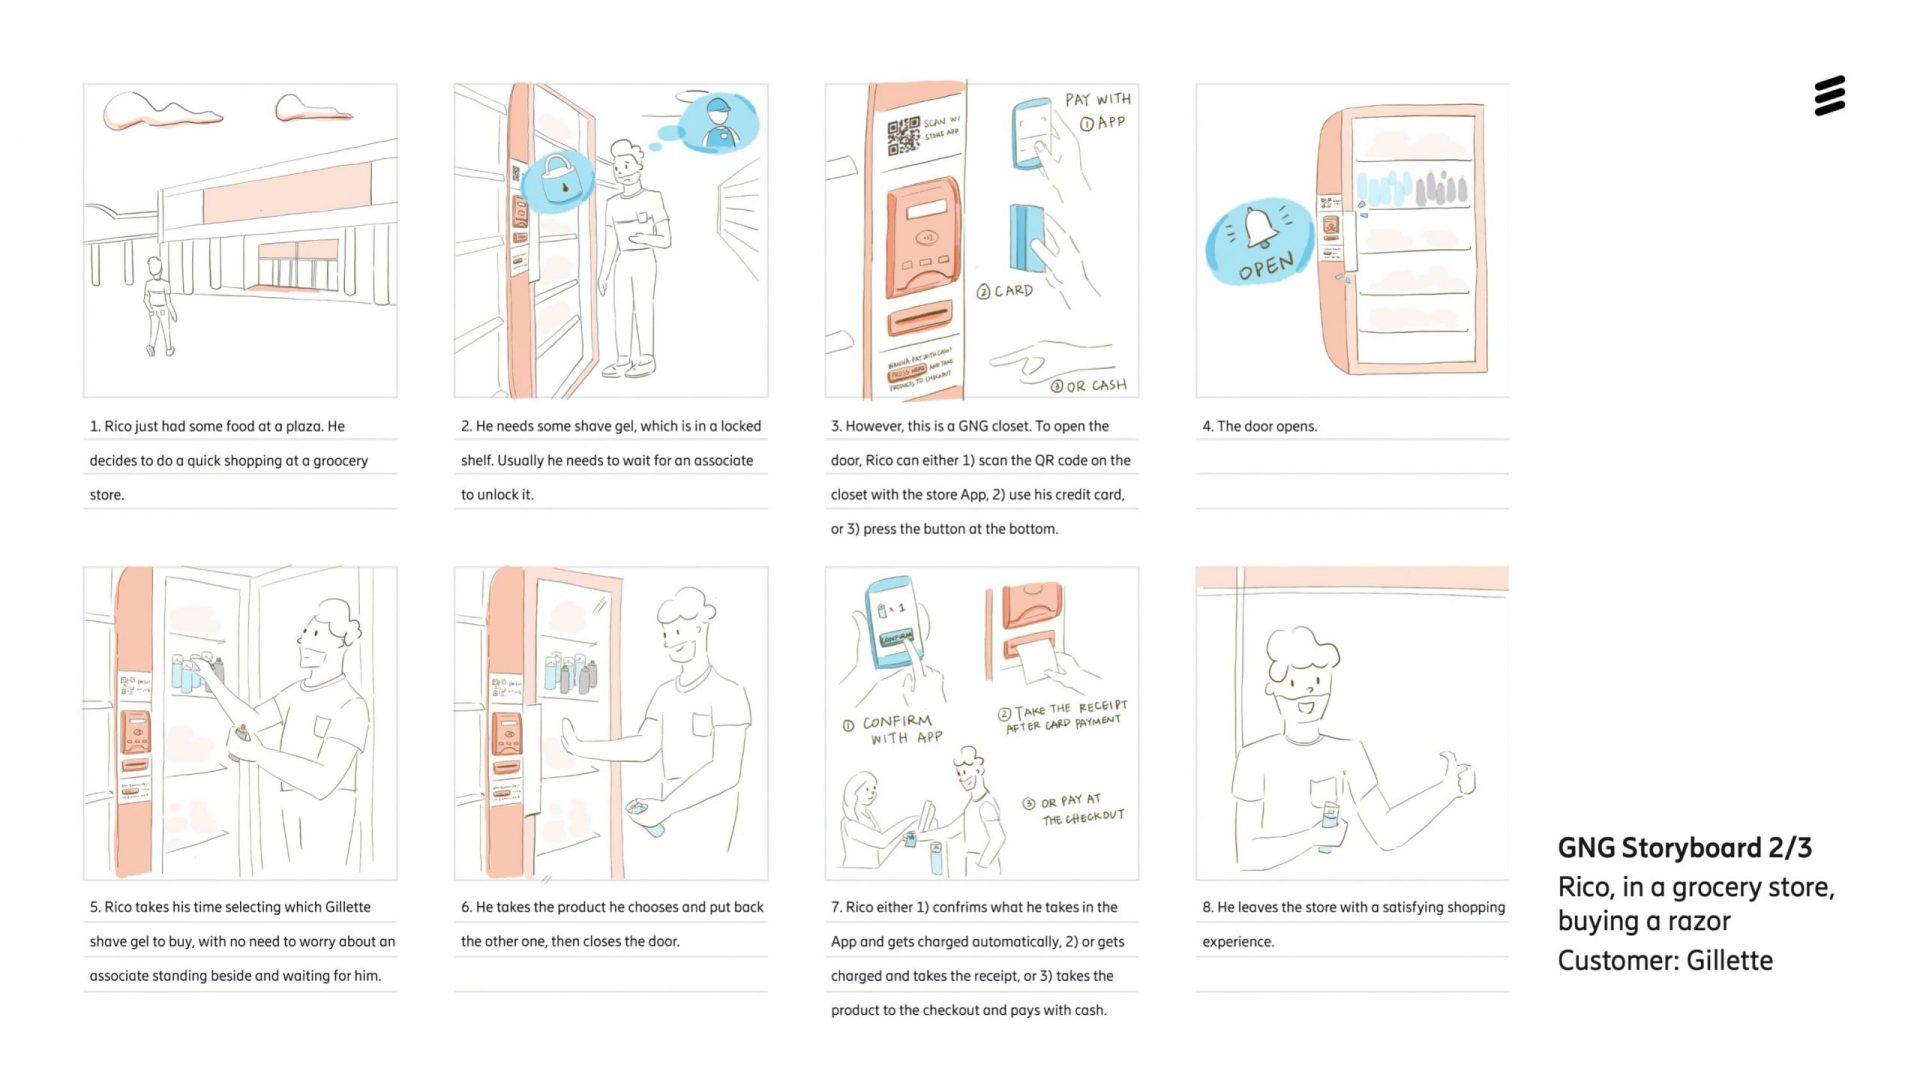 Gillette_storyboard